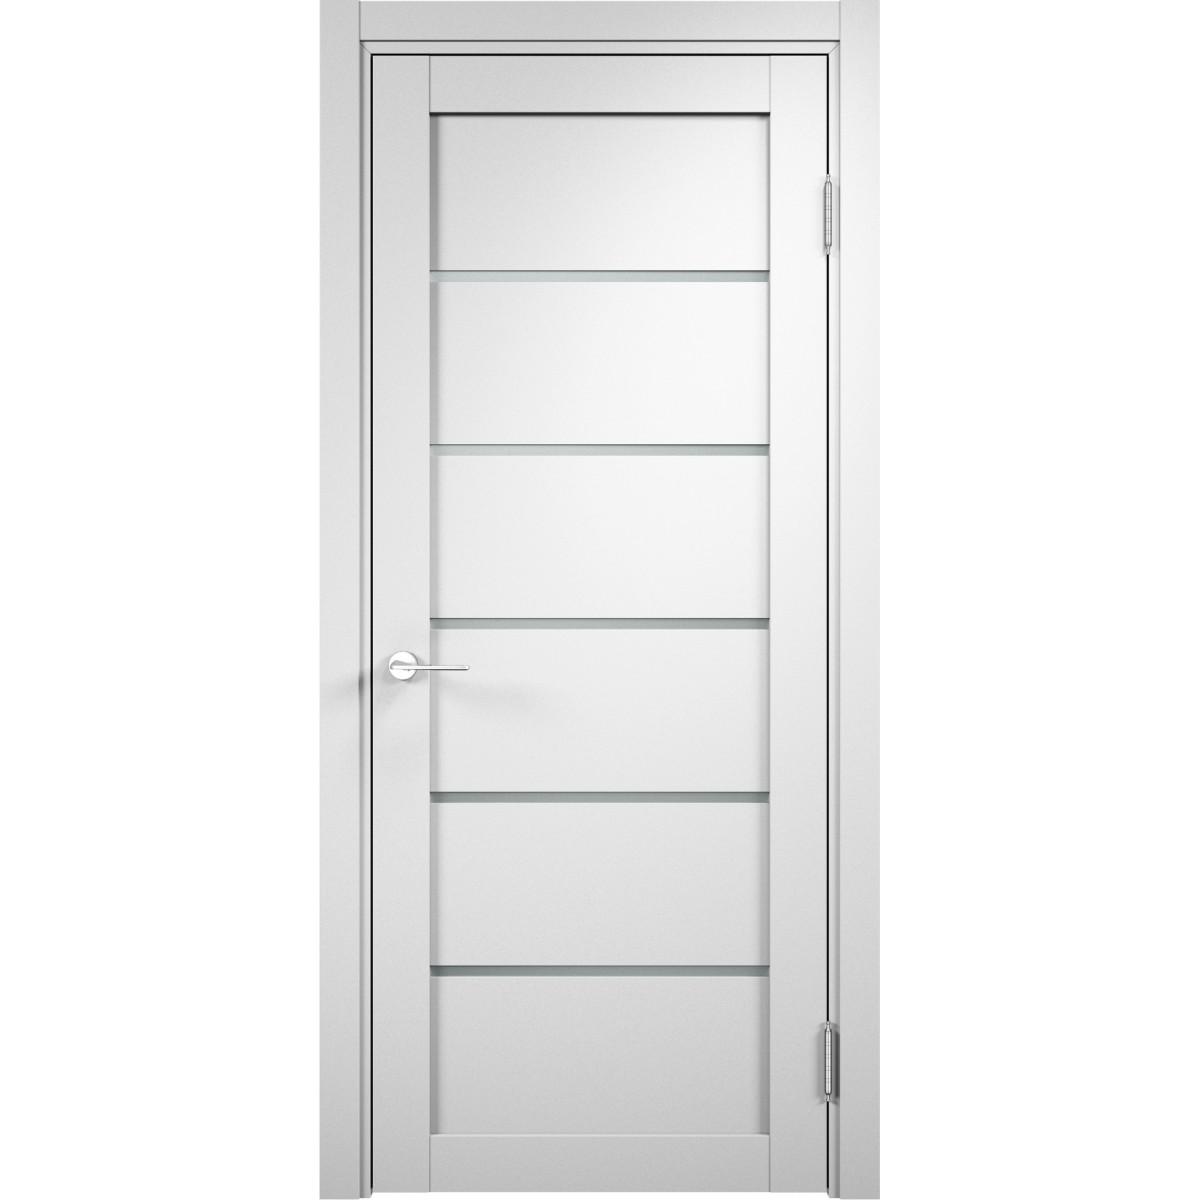 Дверь Межкомнатная Остеклённая Милан 60x200 Пвх Цвет Белый